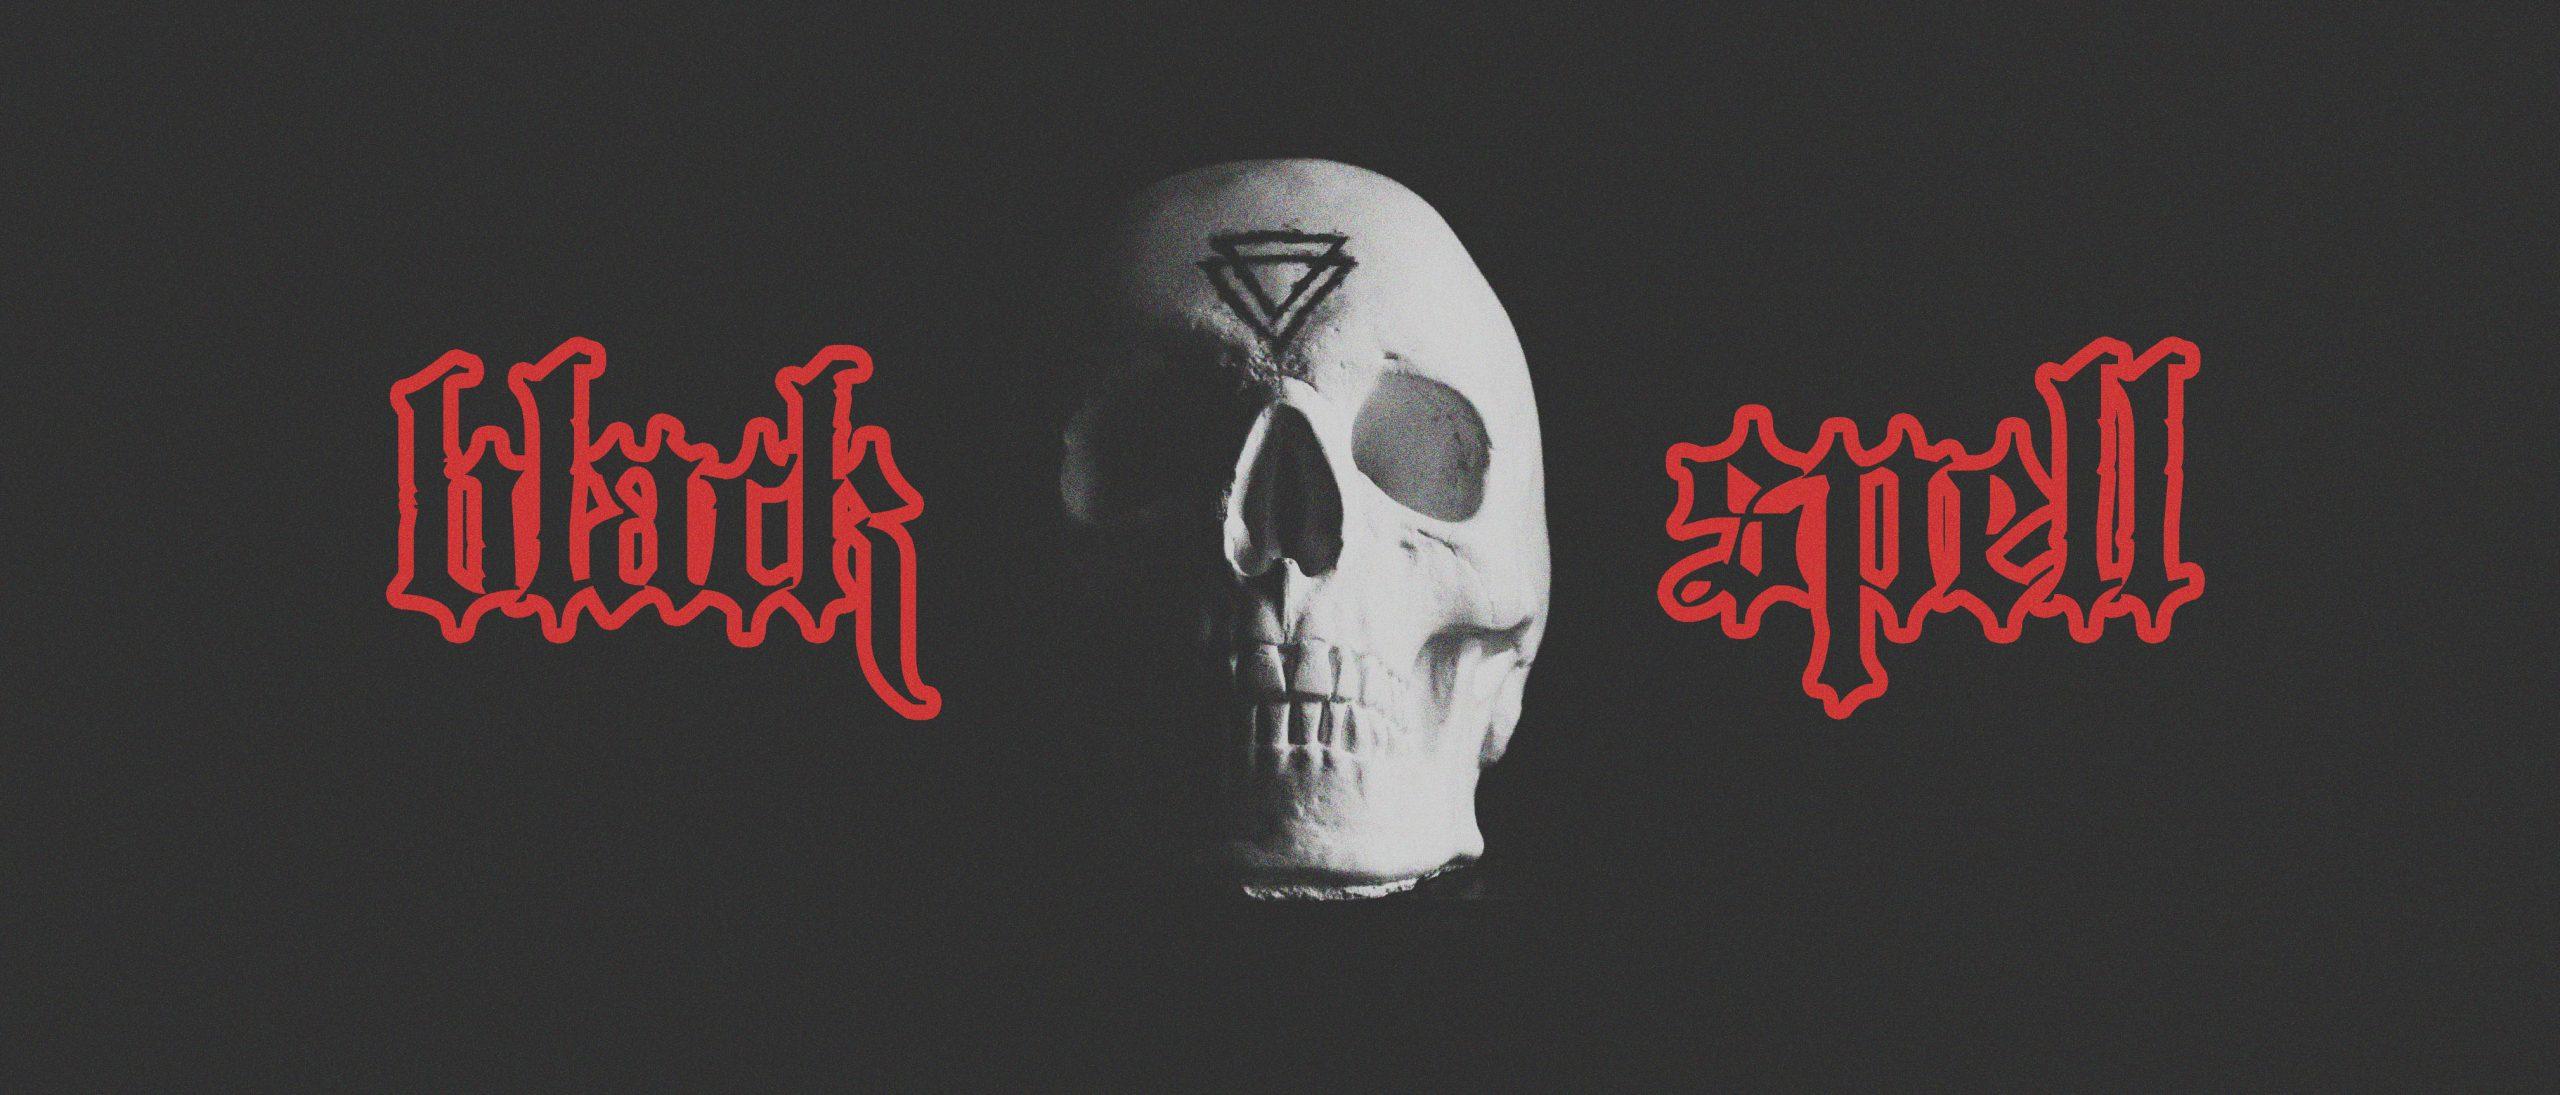 black_spell_skull_logo